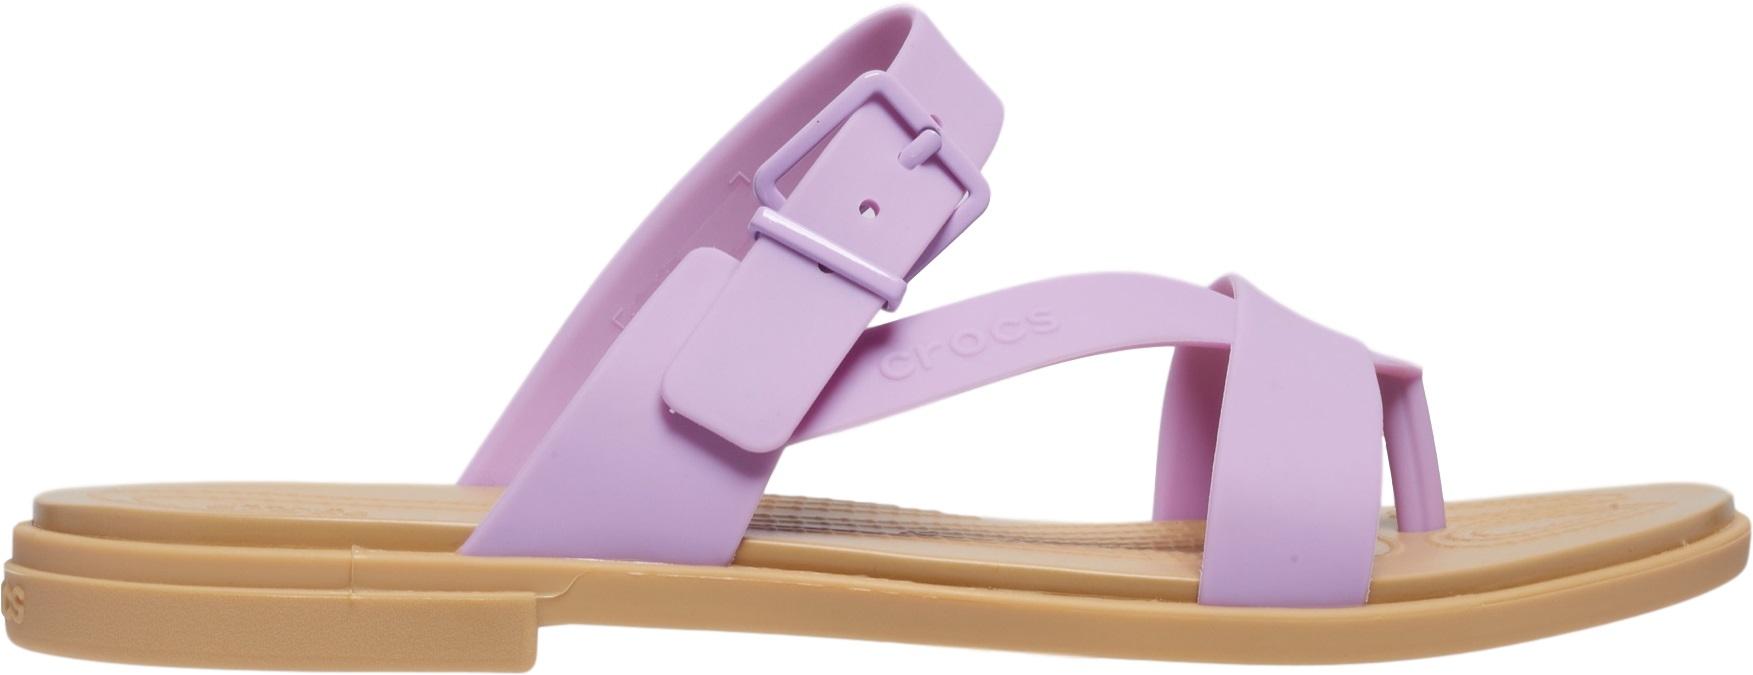 Crocs™ Tulum Toe Post Sandal Womens Orchid 36,5